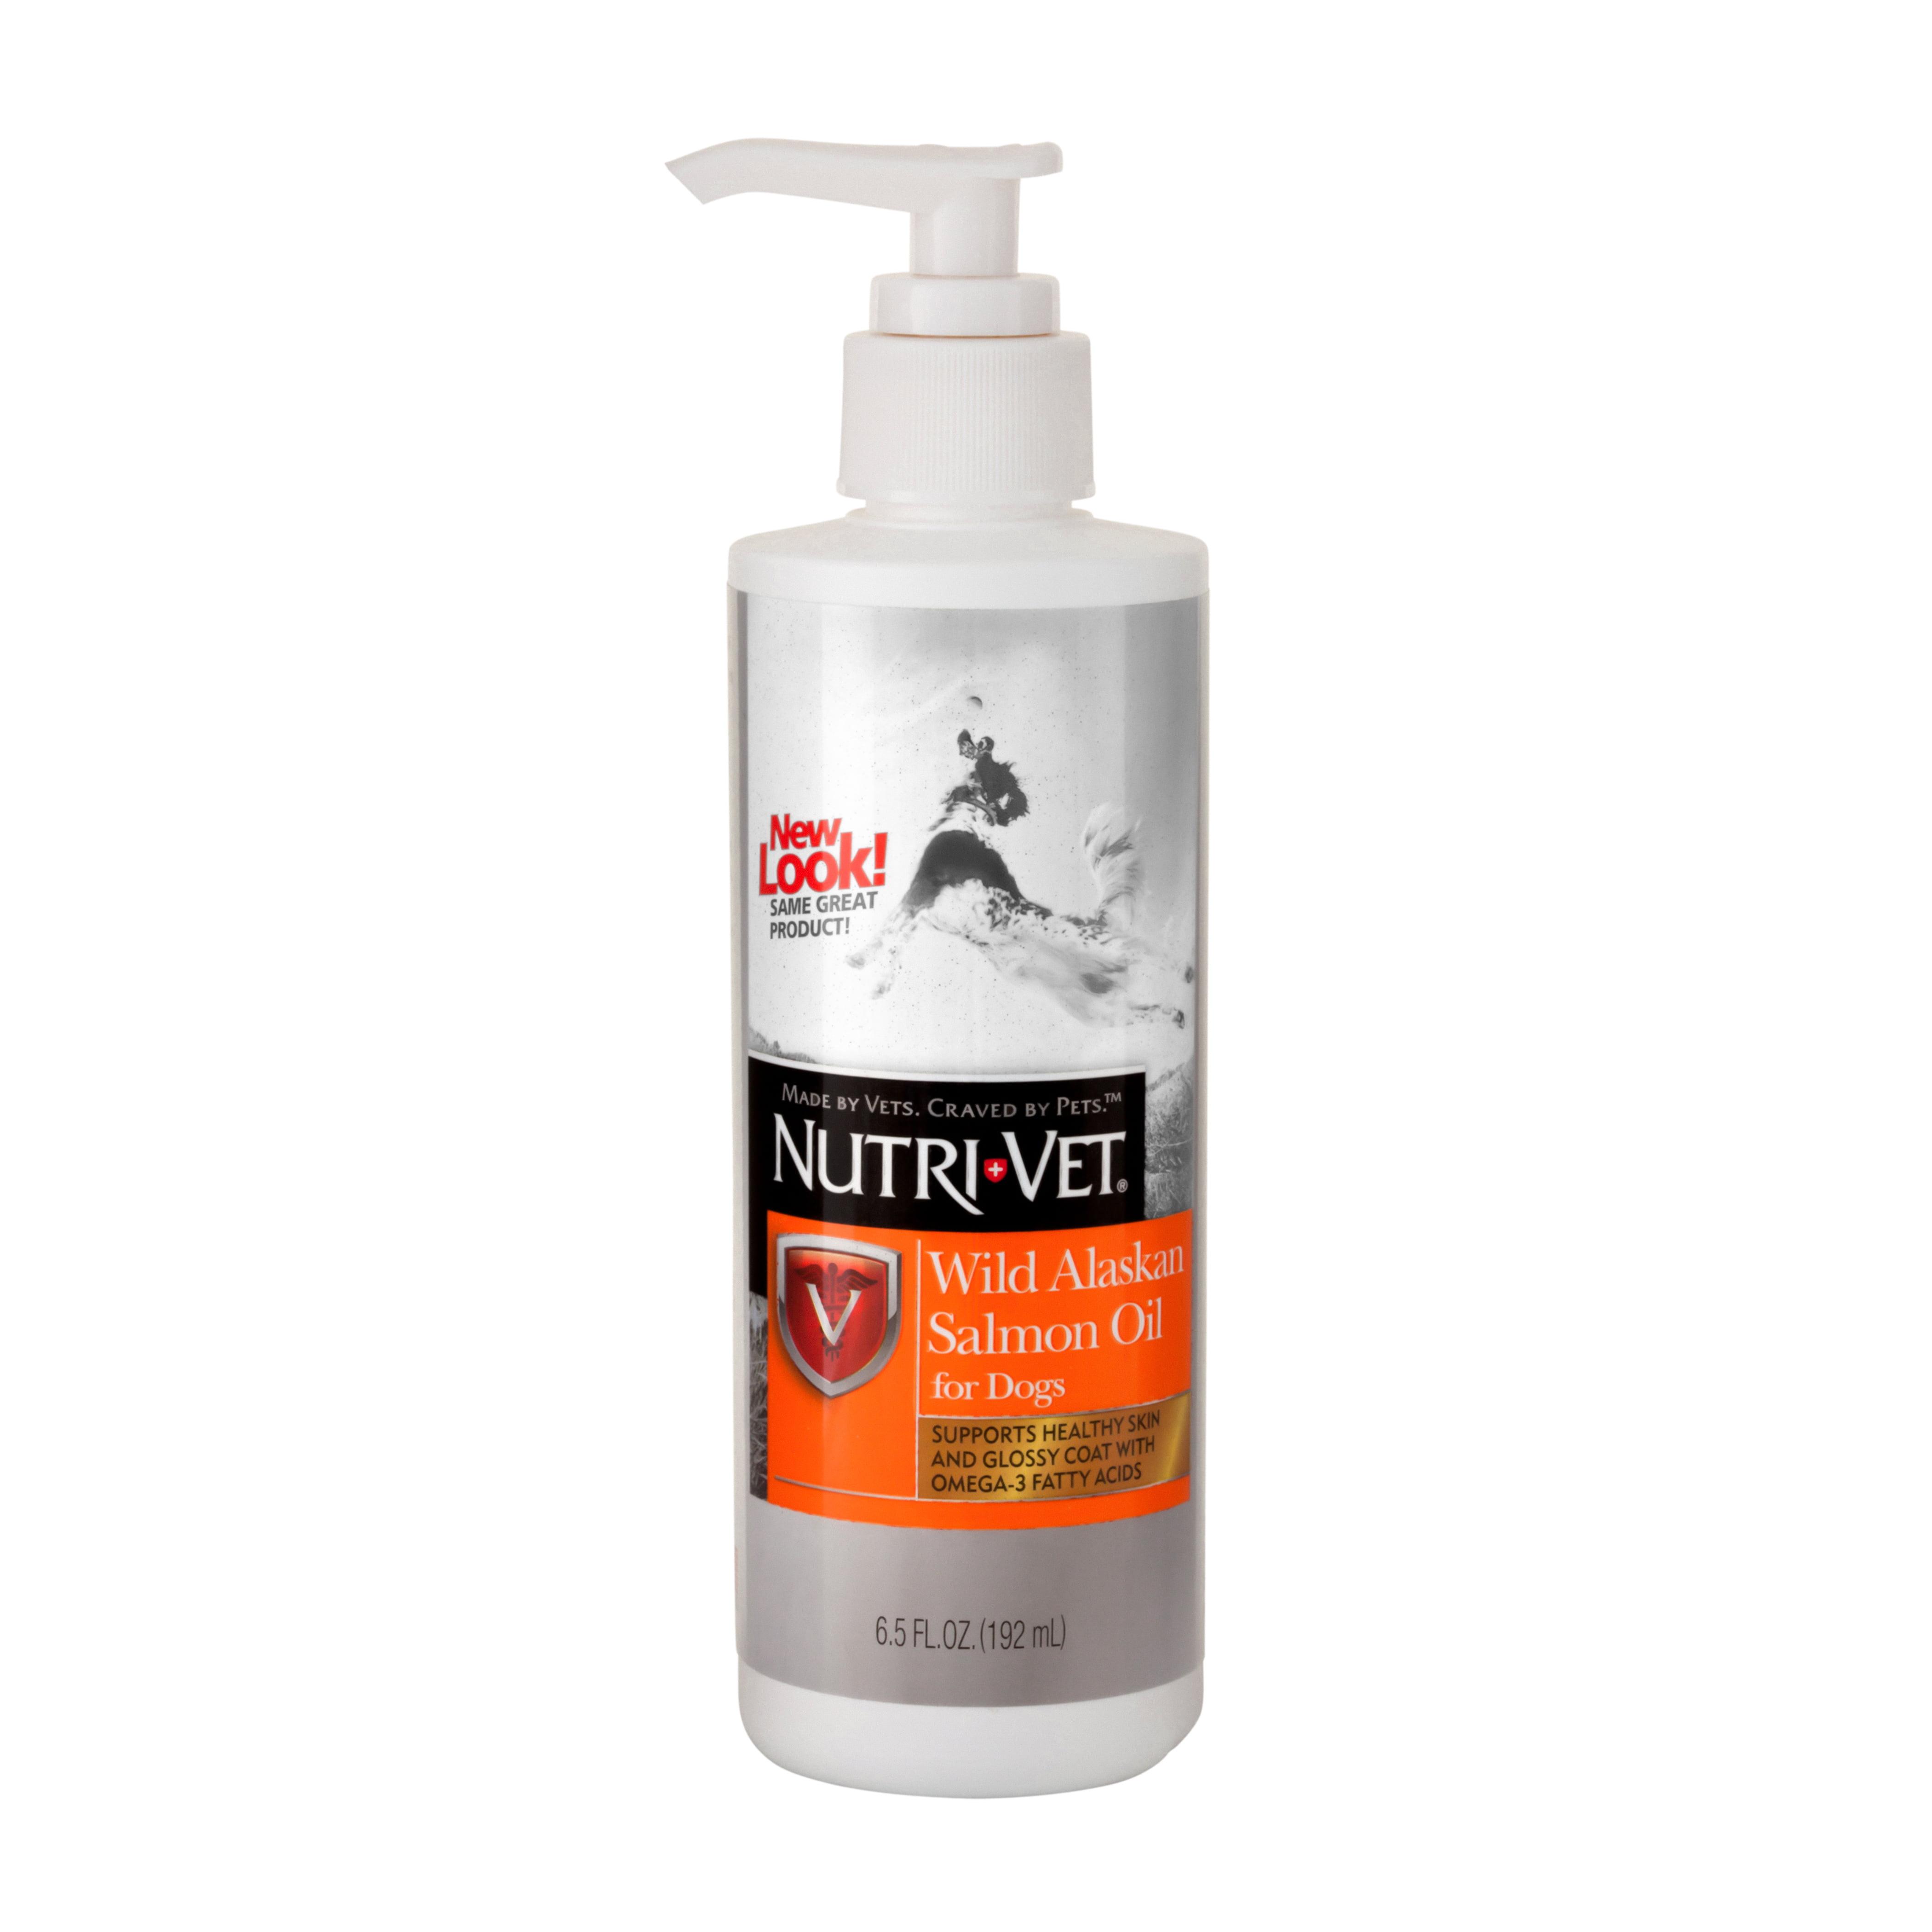 Nutri-Vet Wild Alaskan Salmon Oil 6.5oz